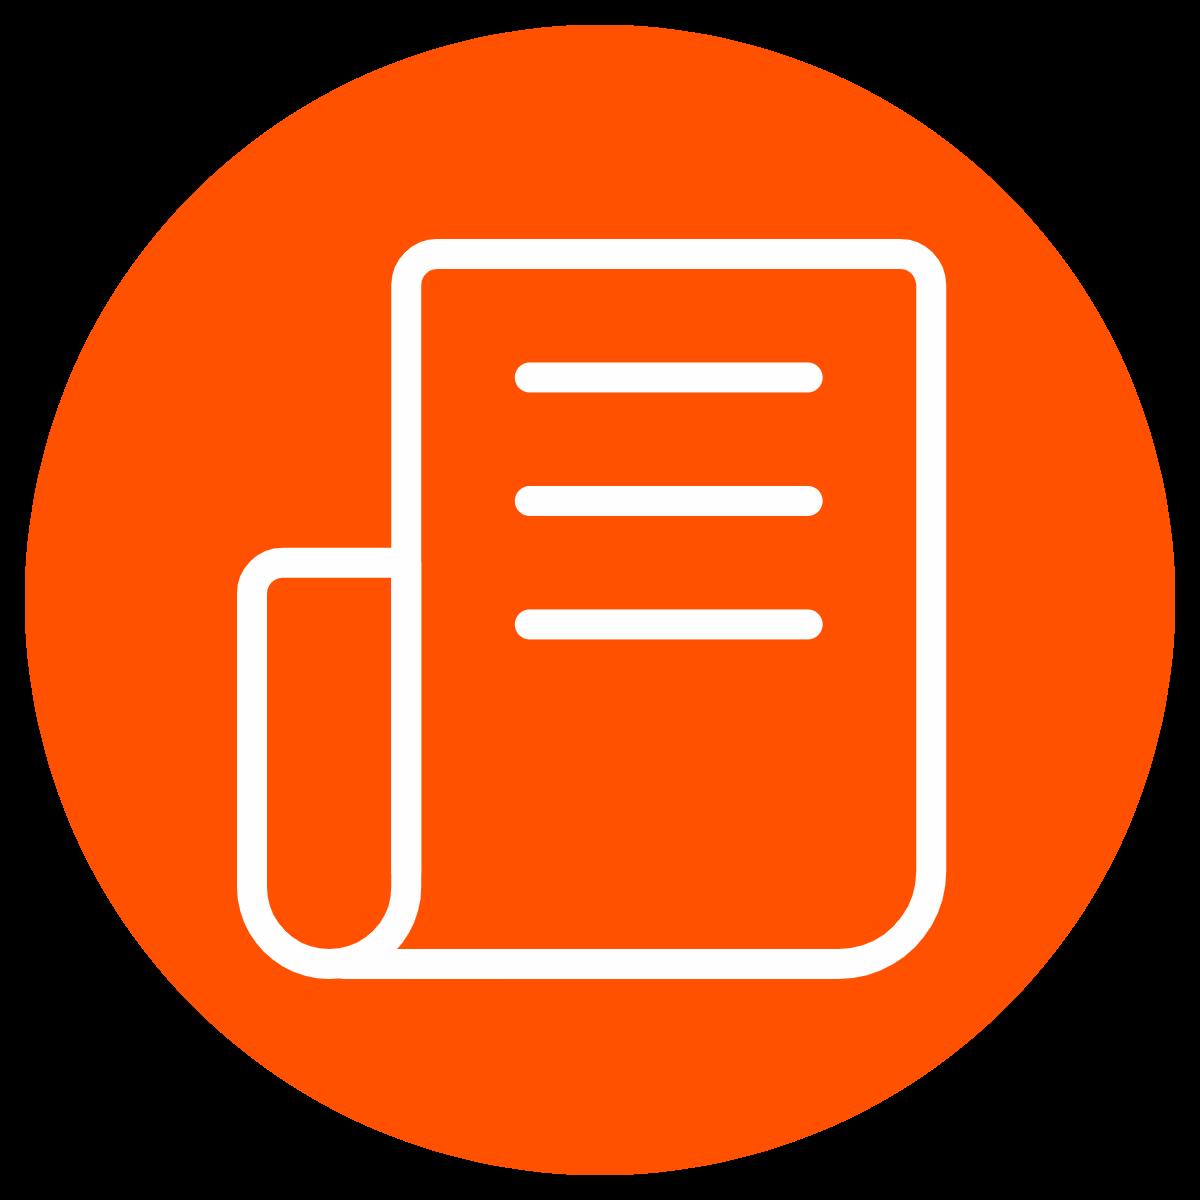 Prendre en main notre destin numérique : l'urgence de la formation. Rapport d'information de Mme Catherine Morin-Desailly, fait au nom de la commission de la culture, de l'éducation et de la communication (Sénat)